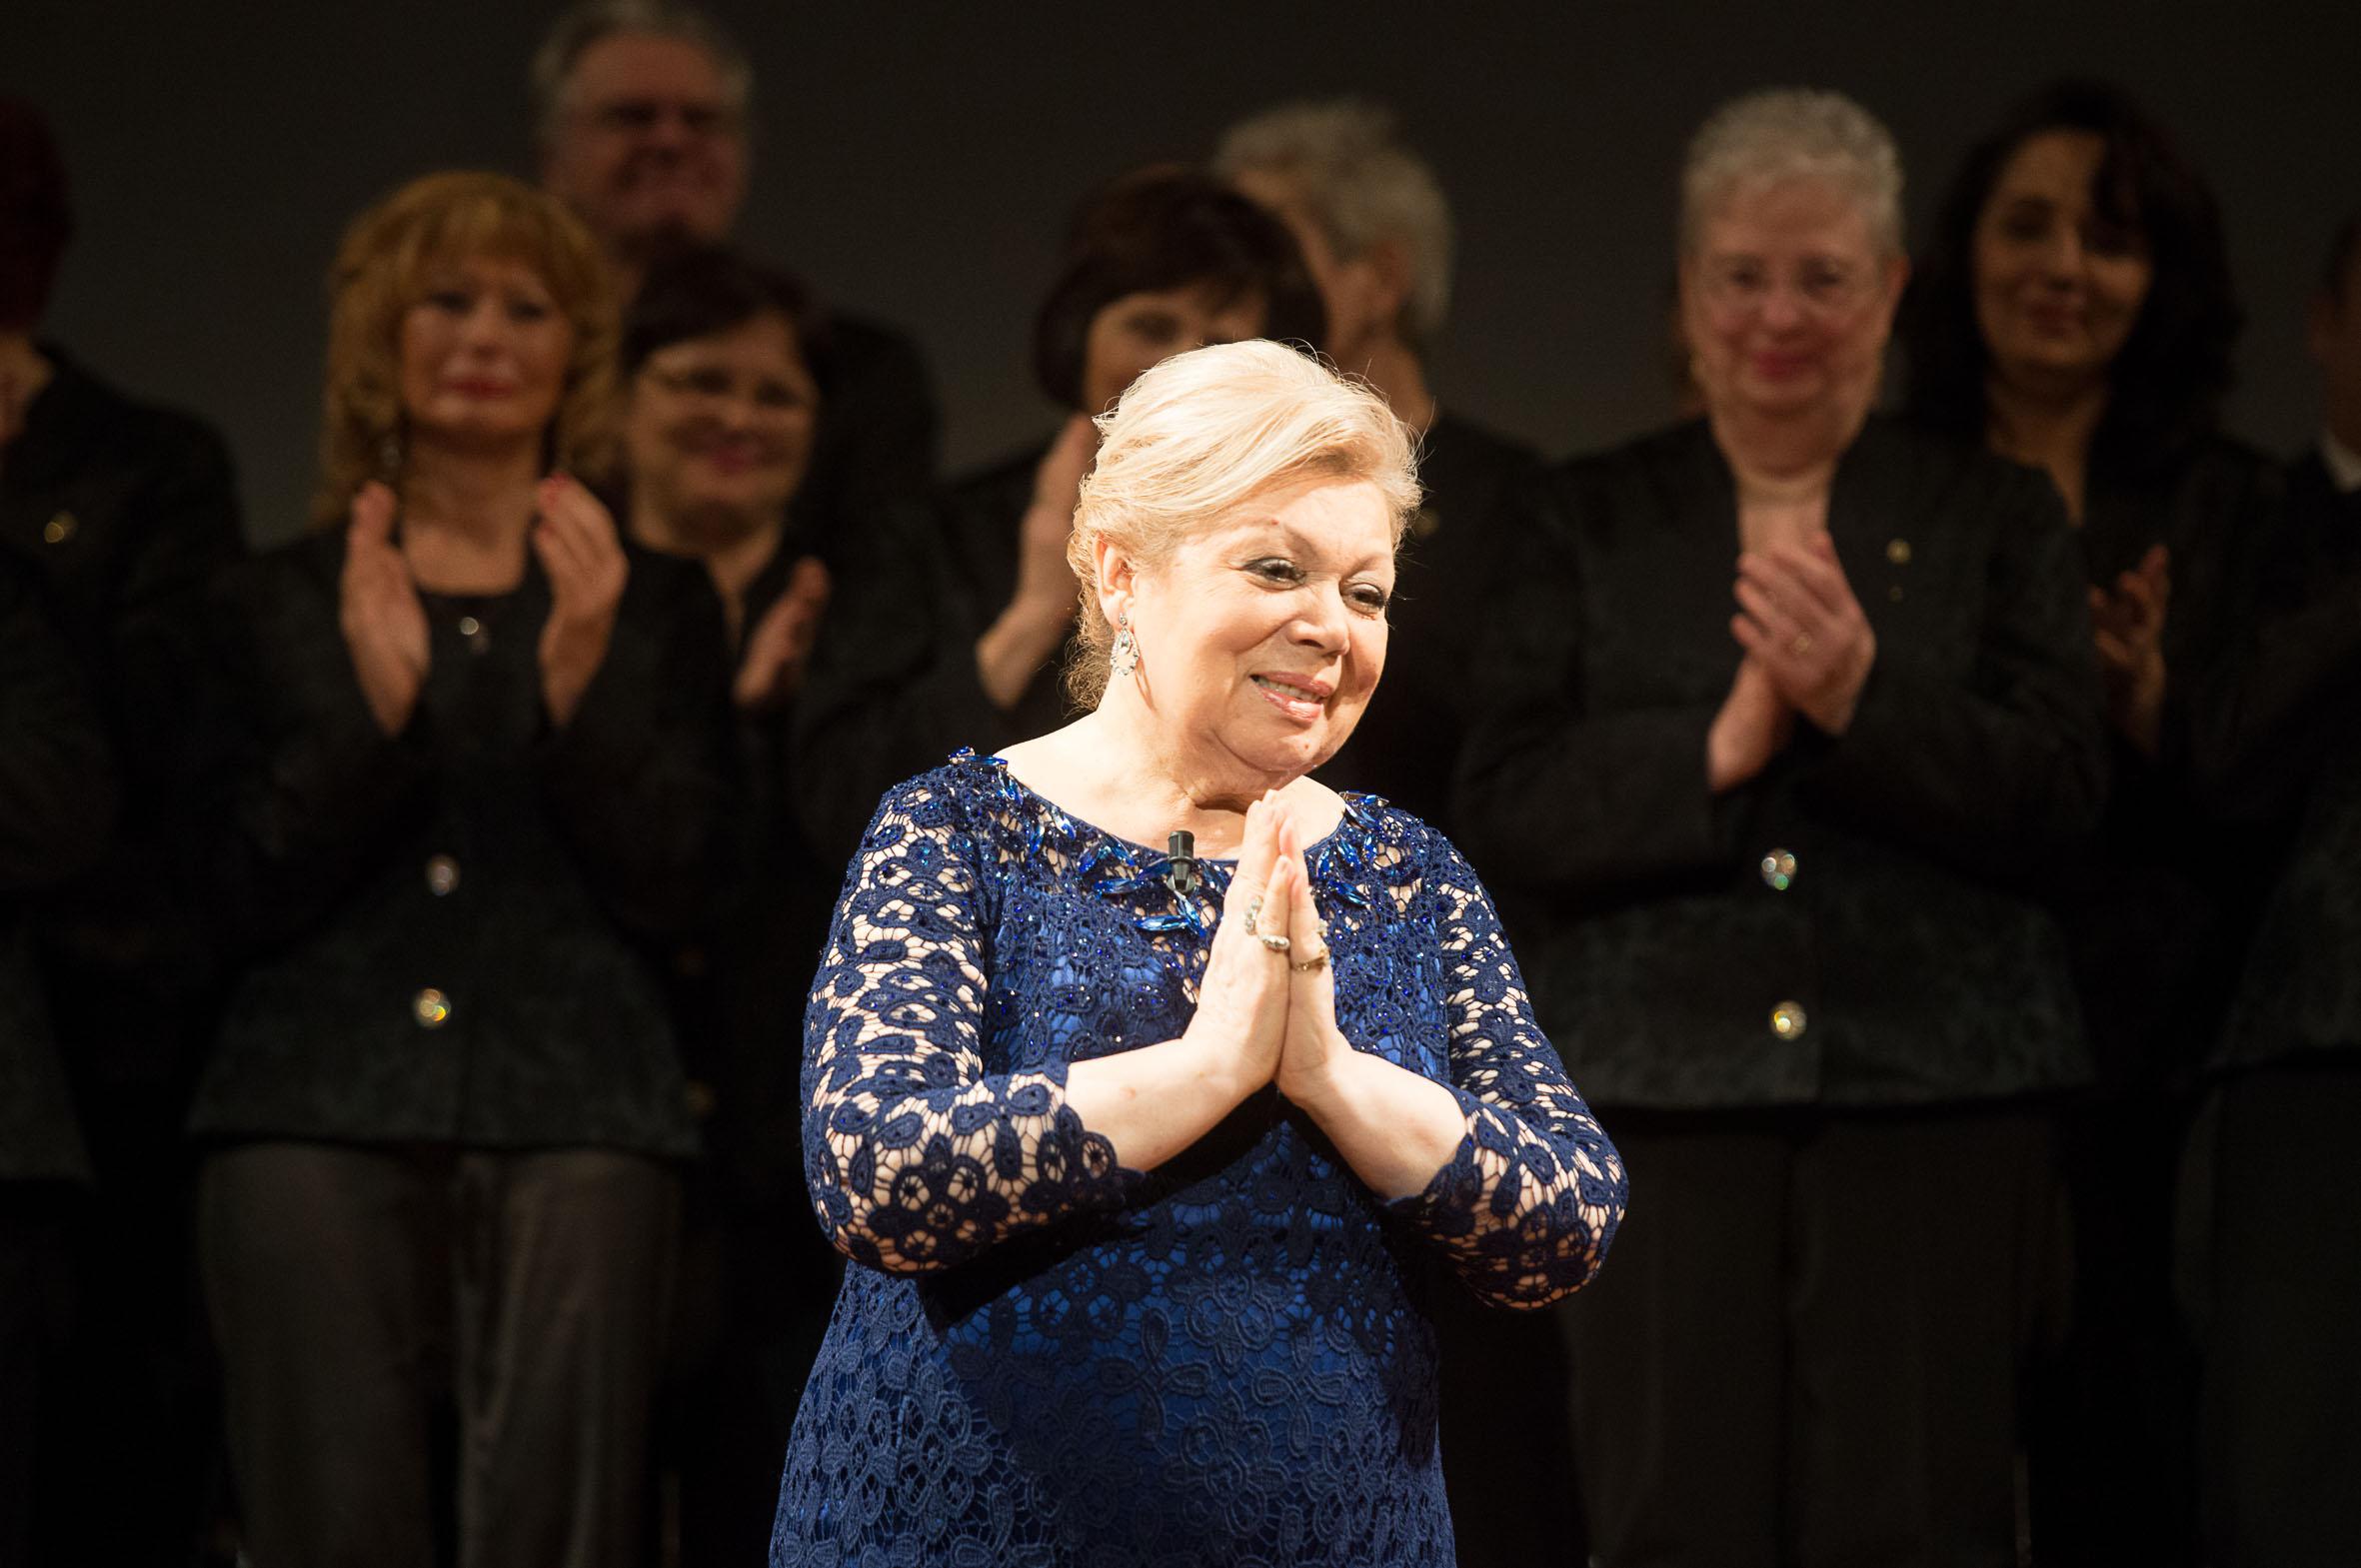 Addio a Mirella Freni, ultimo grandissimo soprano del novecento